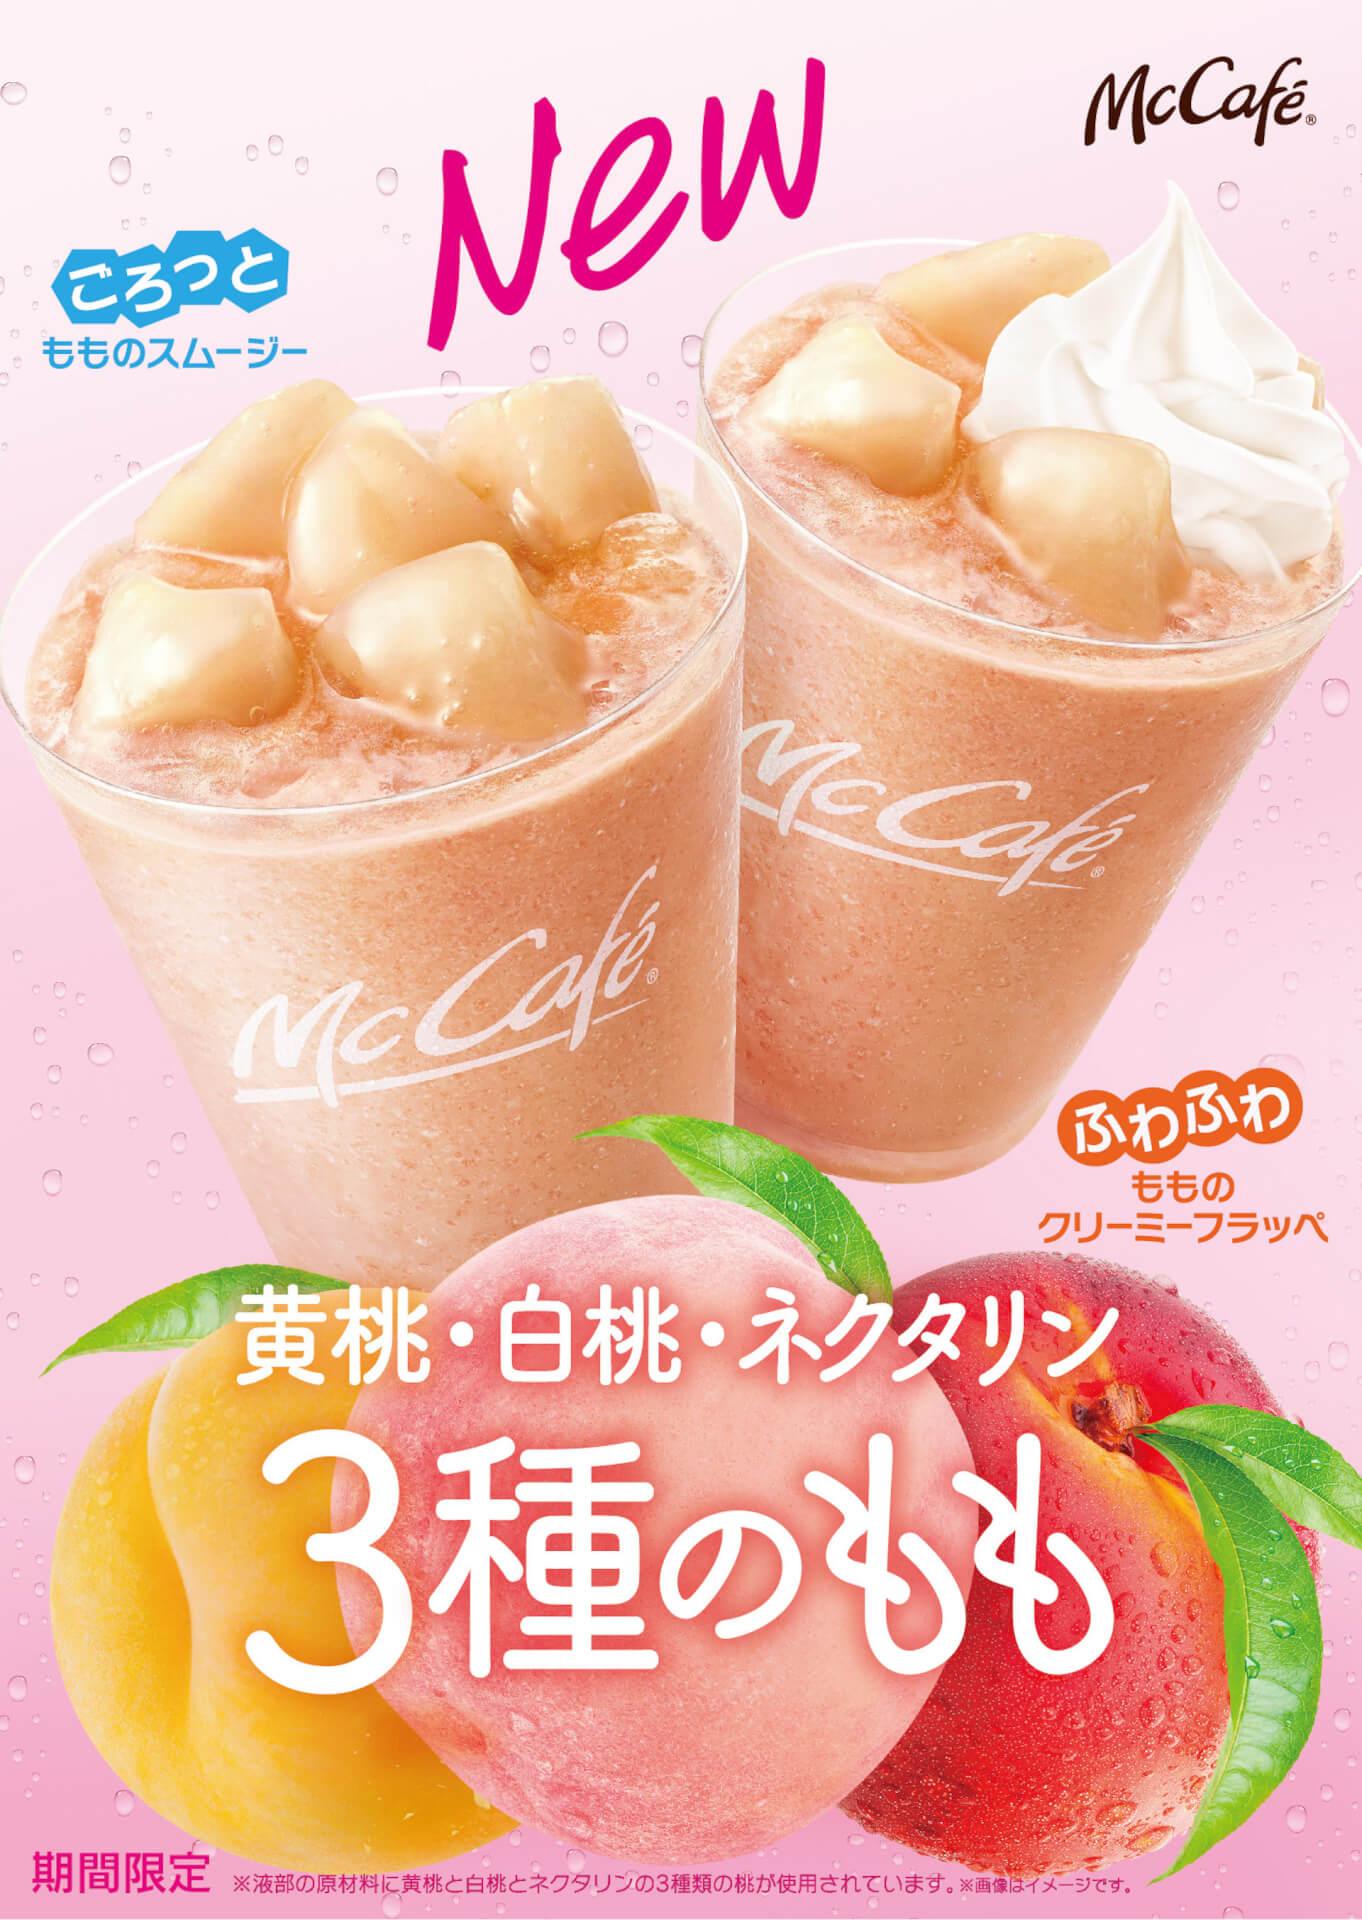 マクドナルド「マックカフェ」の定番「もものスムージー」が桃感アップで新登場!フラッペも発売 gourmet210420_mcdonald_momo_5